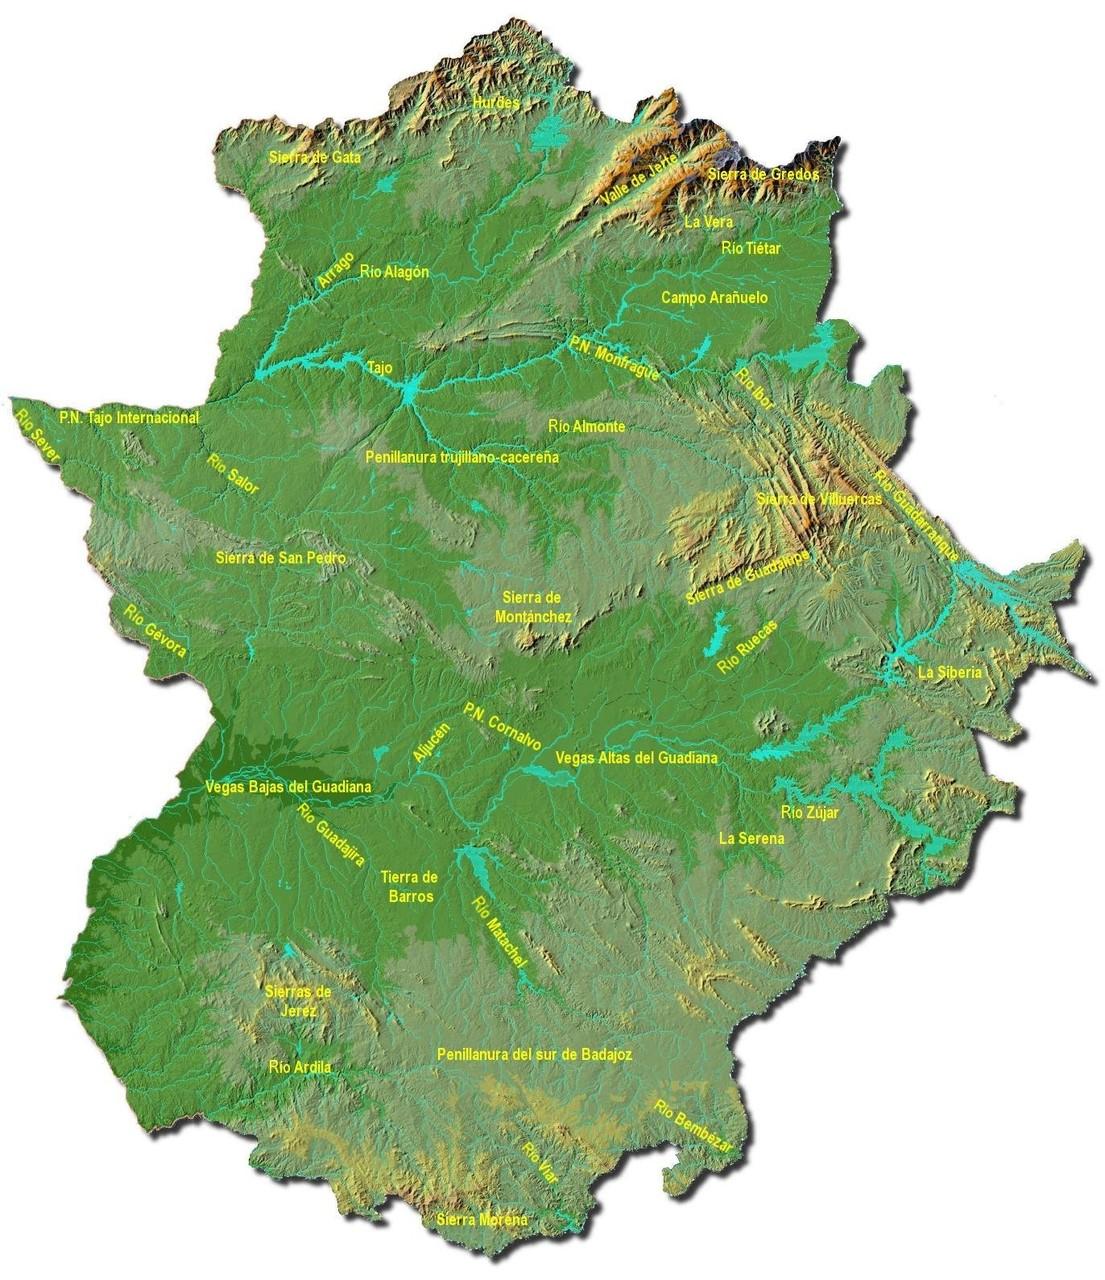 Mapa de Extremadura de la unidades del relieve, ríos y Parques Naturales.